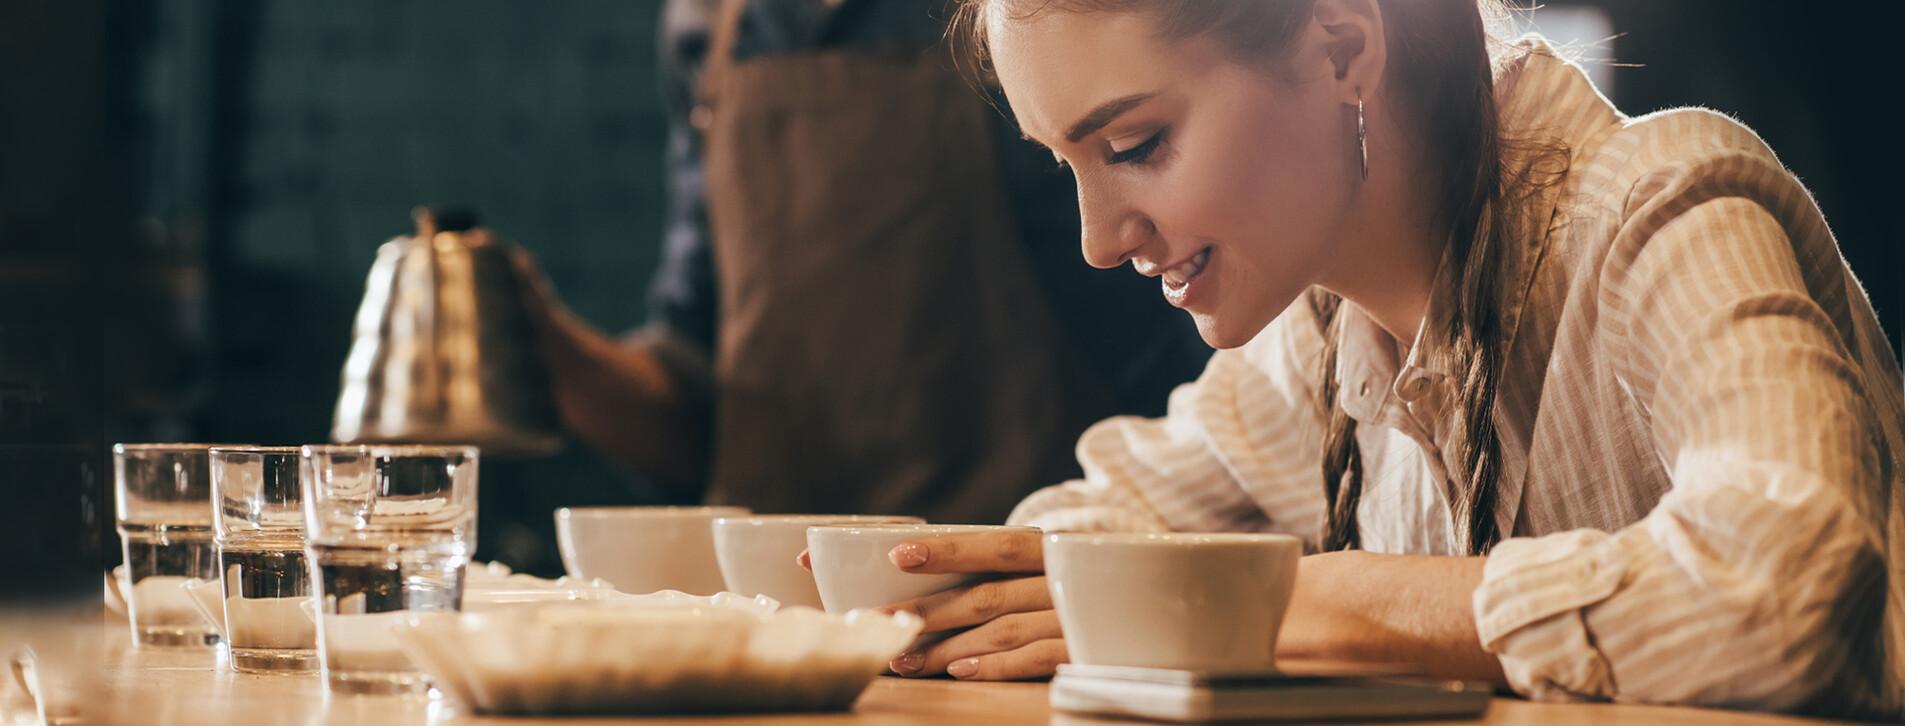 Фото 1 - Дегустация кофе для компании